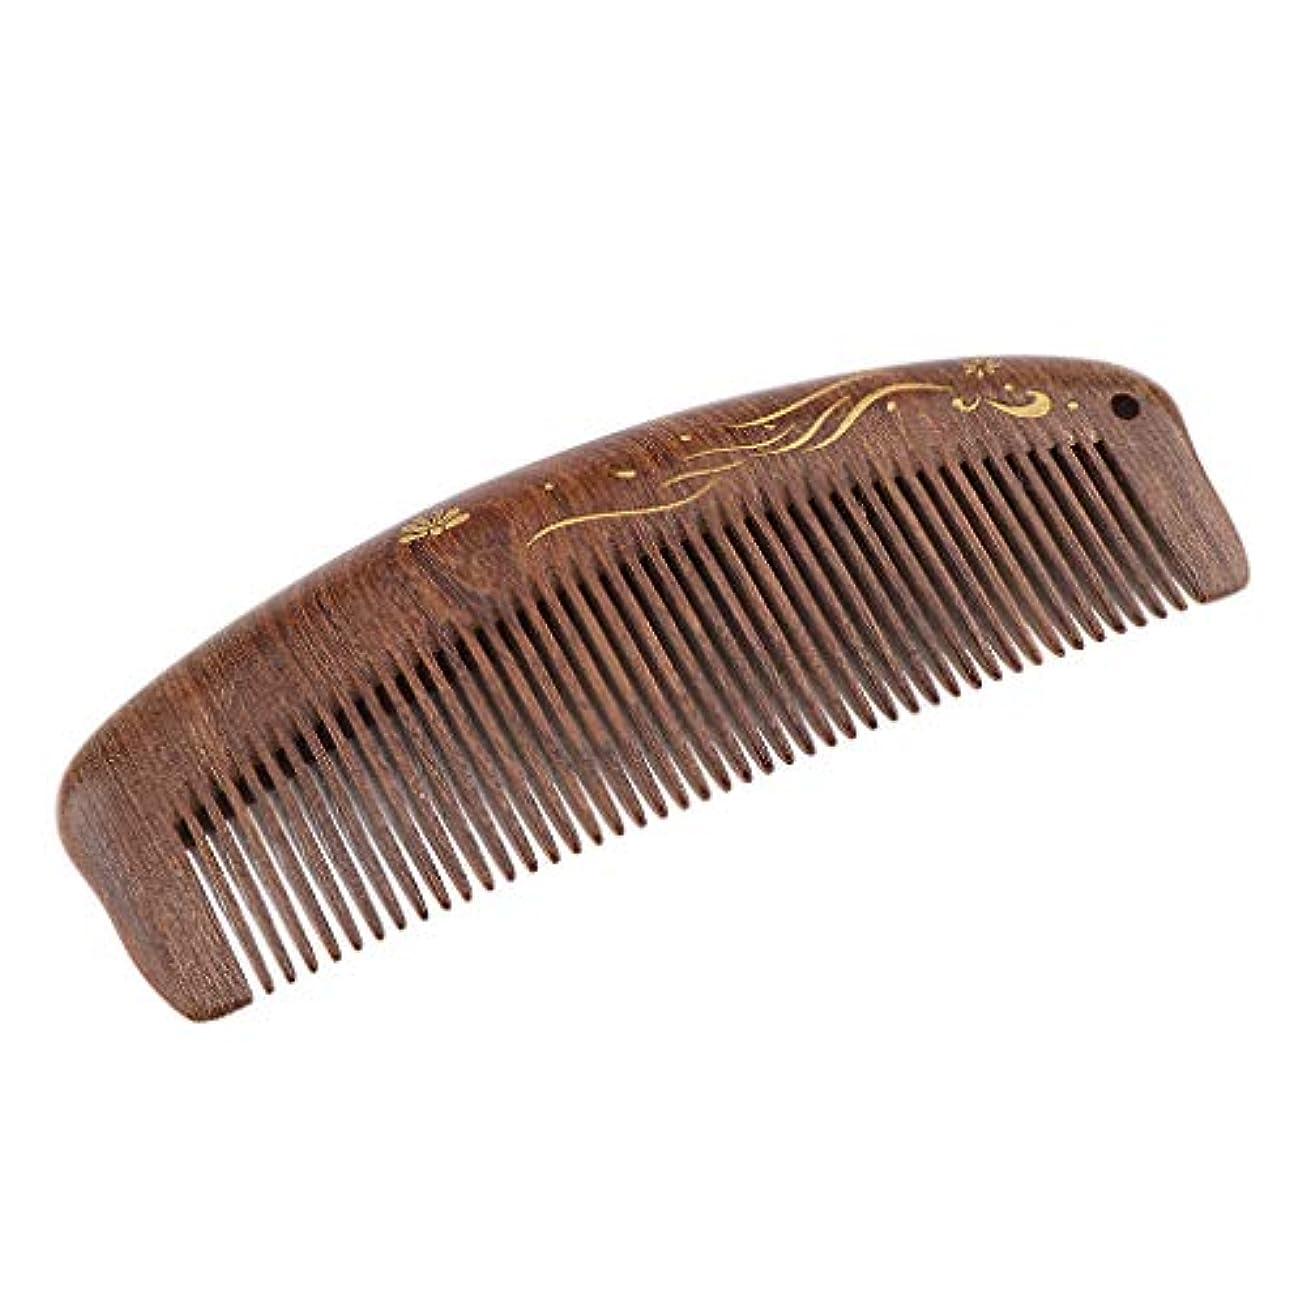 命令できる宿帯電防止櫛 ウッドコーム ヘアサロン ヘアブラシ 3仕様選べ - 細かい歯